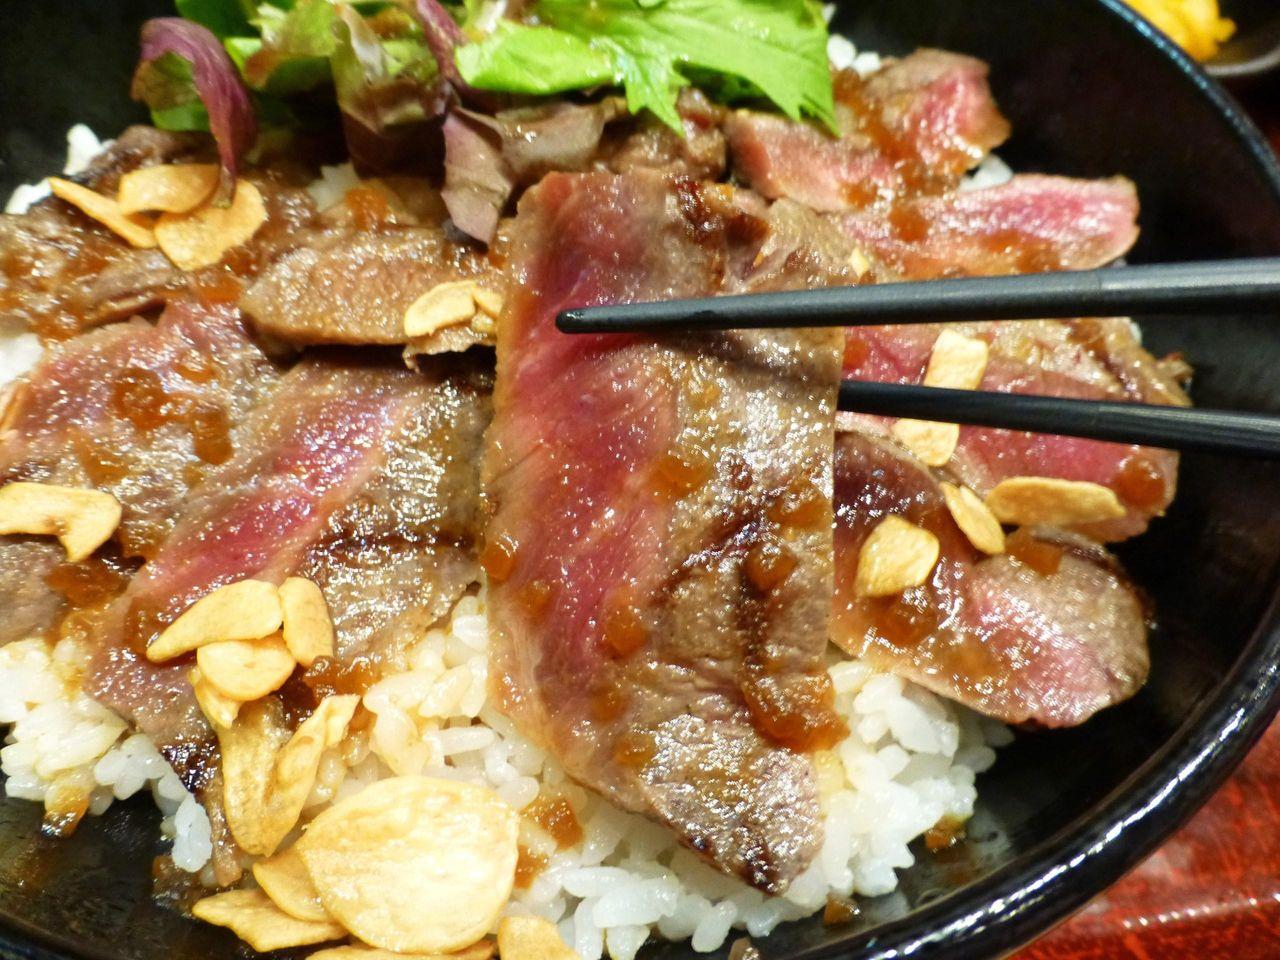 肉はとてもやわらかく、おろしソースが良く合います!